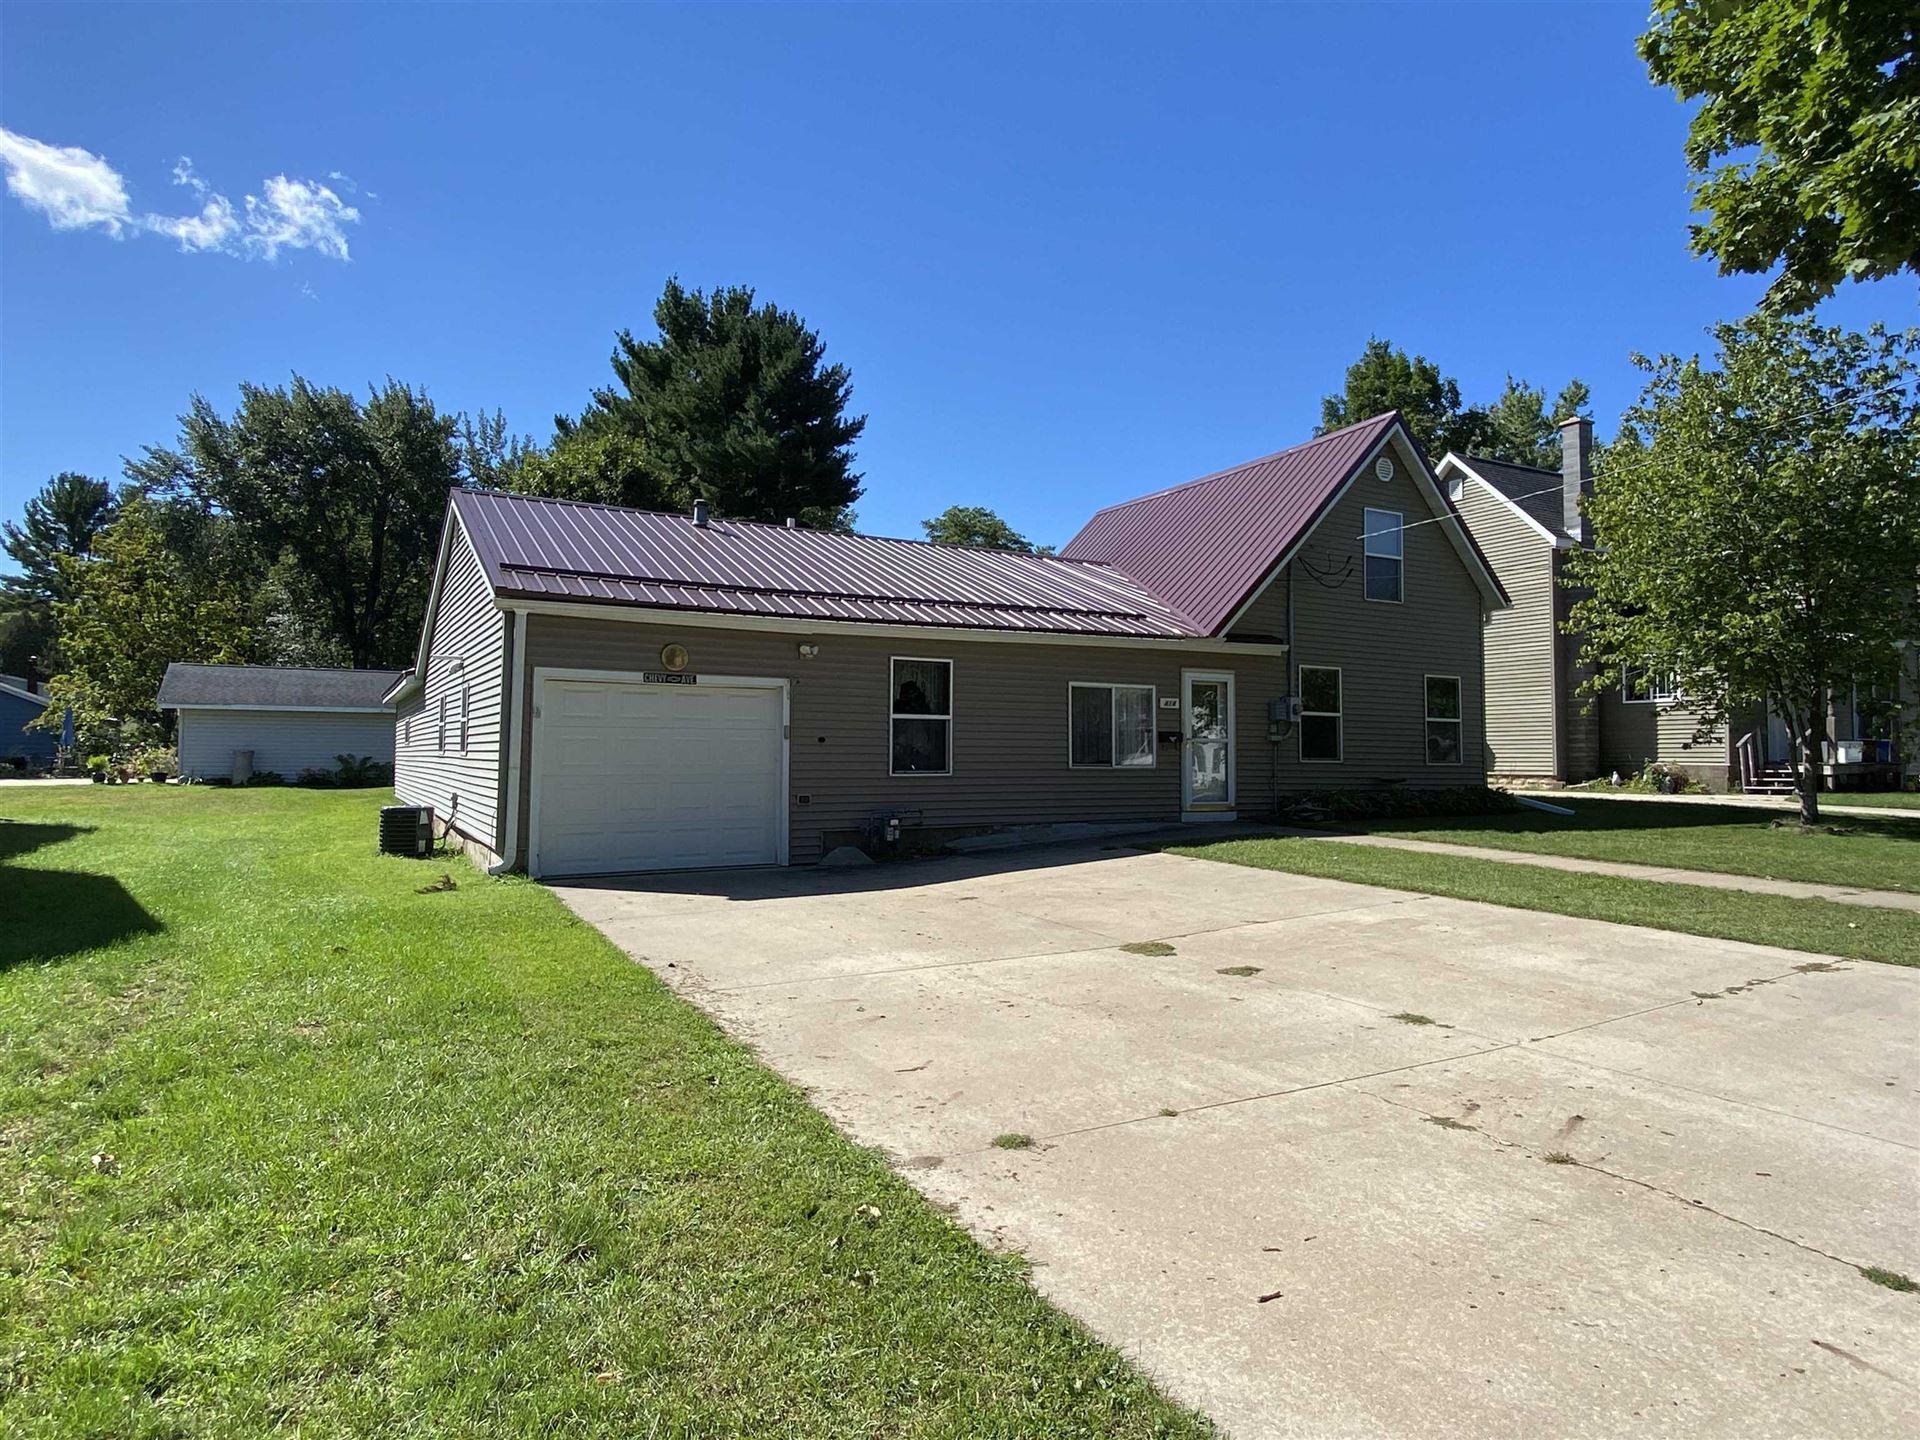 414 E Bluff St, Boscobel, WI 53805 - #: 1919356